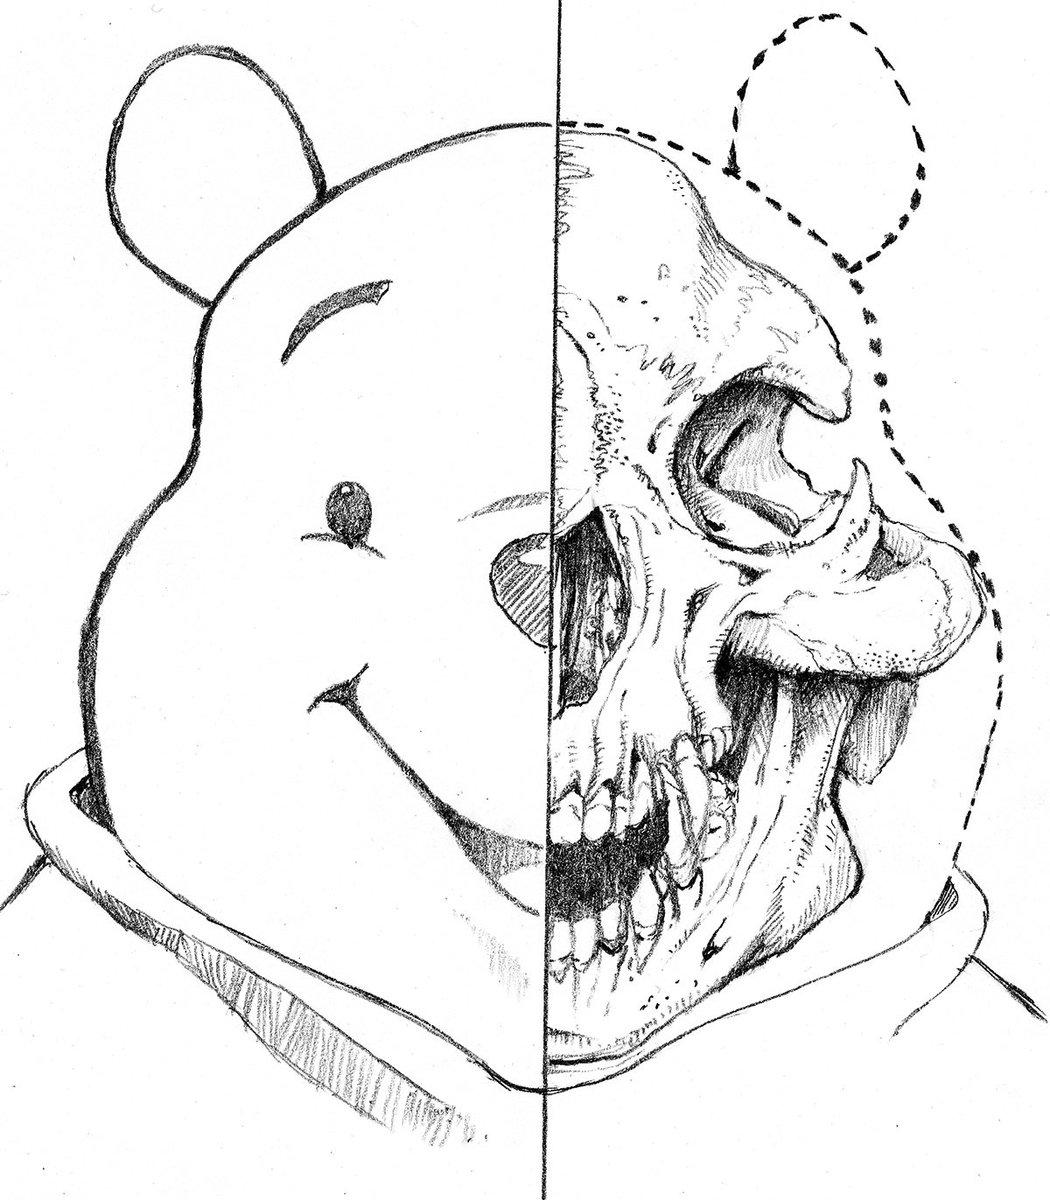 クマ系のスカルを描くのが、楽しかったらしい。しかしソチ・オリンピックのキャラクターなんて、誰も覚えてないよな~。くまモン、プーさん、リラックマ、ソチのキャラクター https://t.co/gQ7QEVVNhz